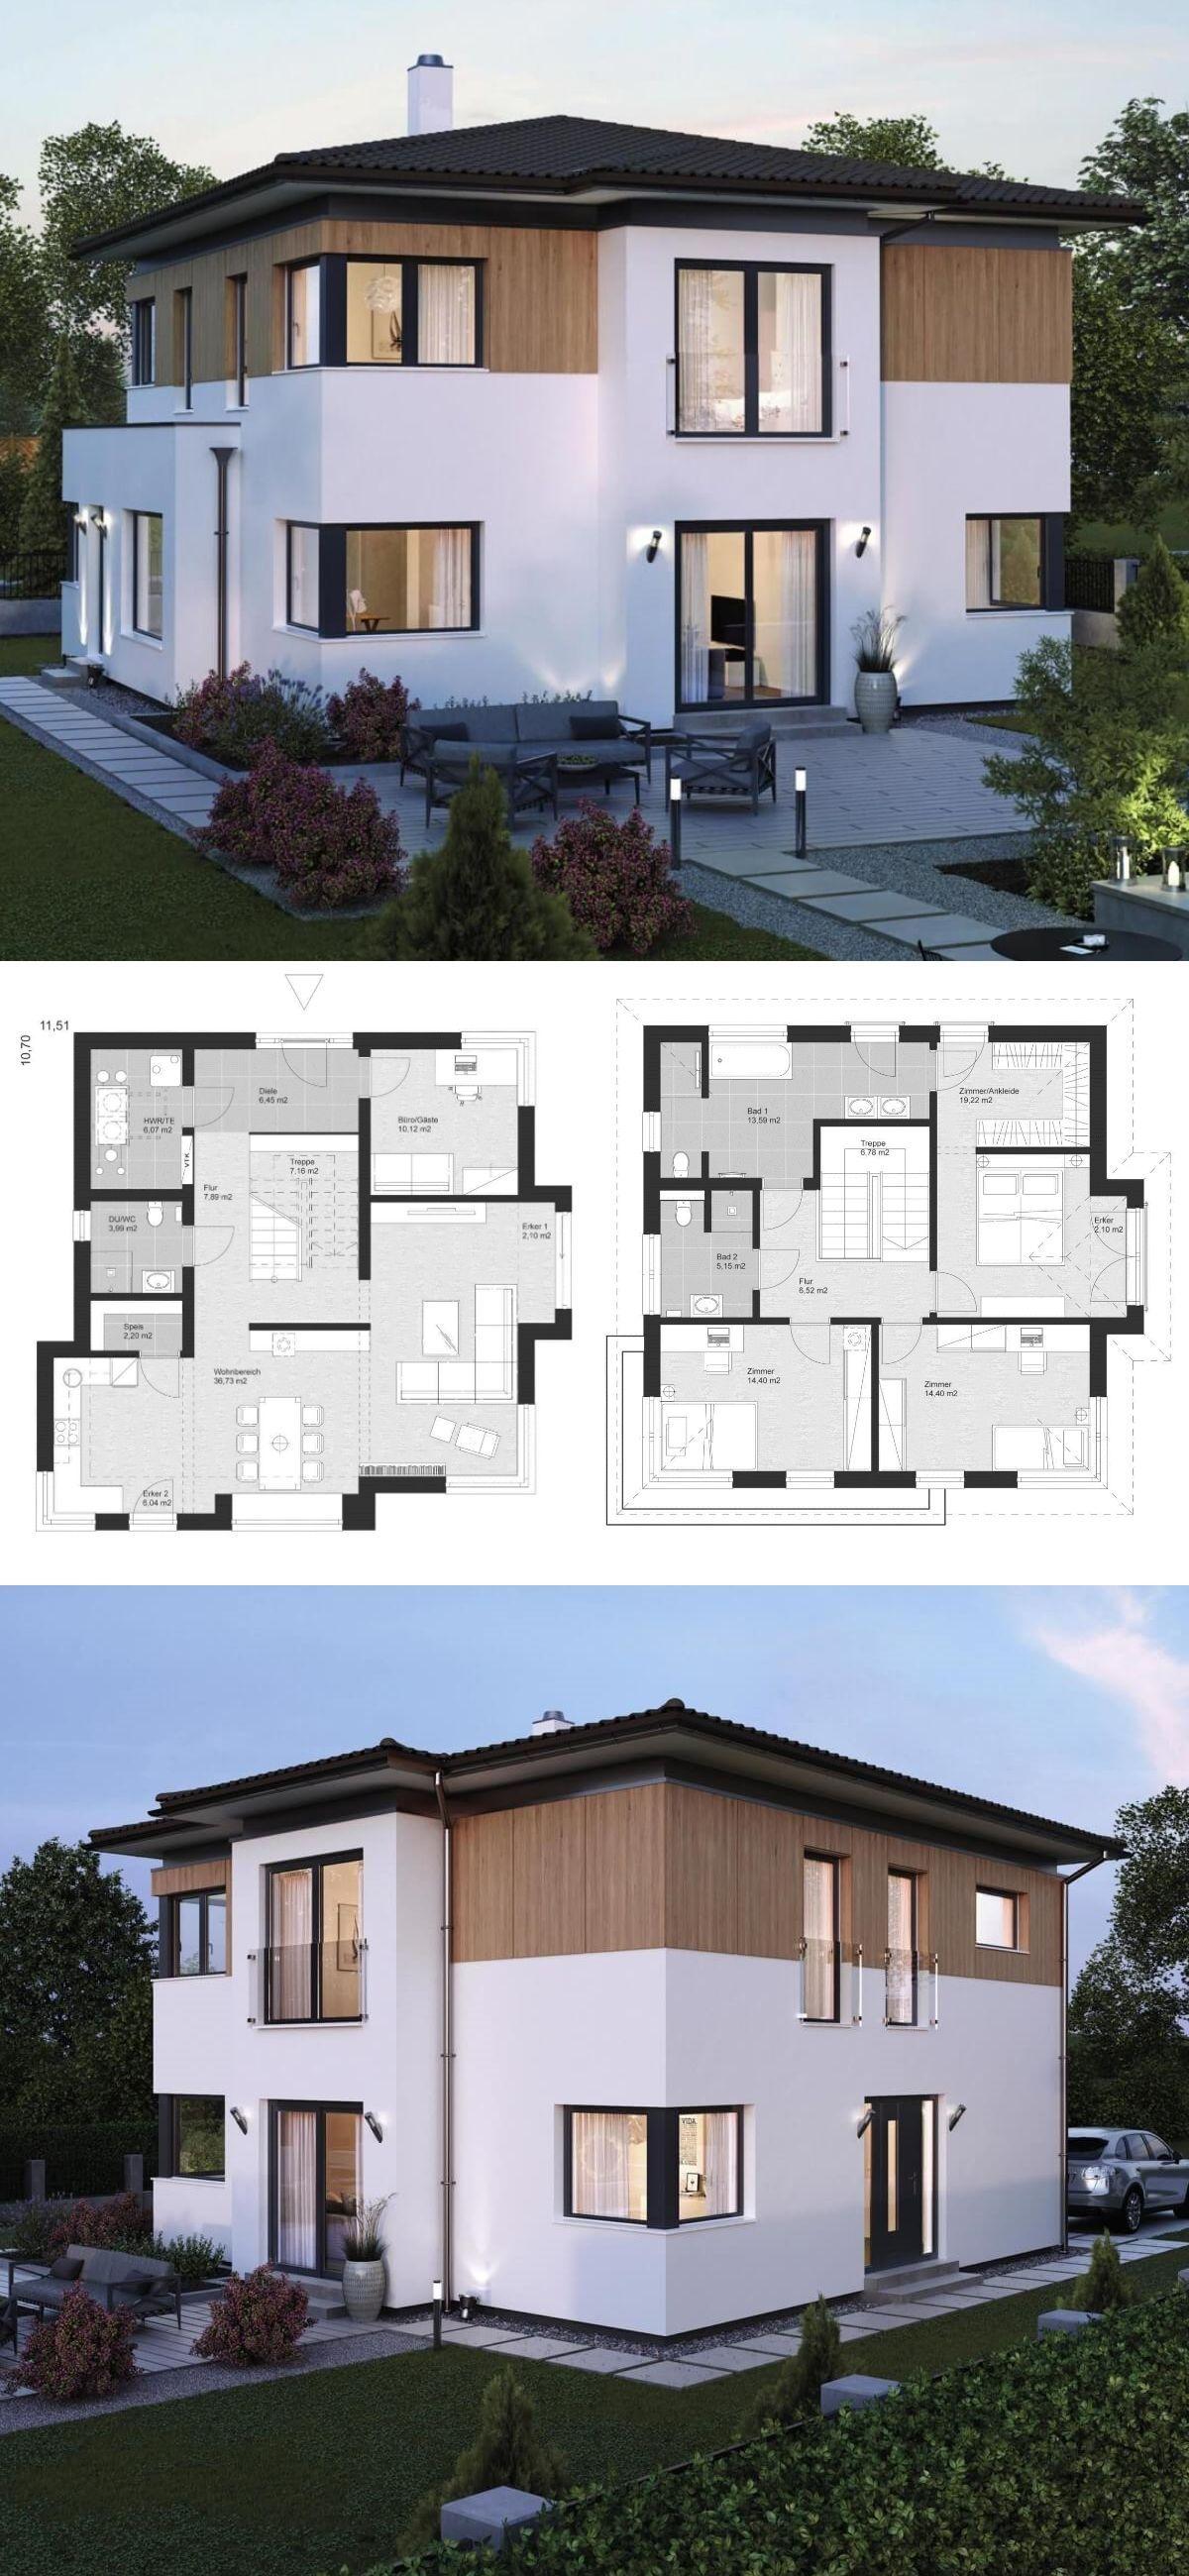 Haus flur design-ideen stadtvilla im landhausstil mit walmdach architektur erker anbau